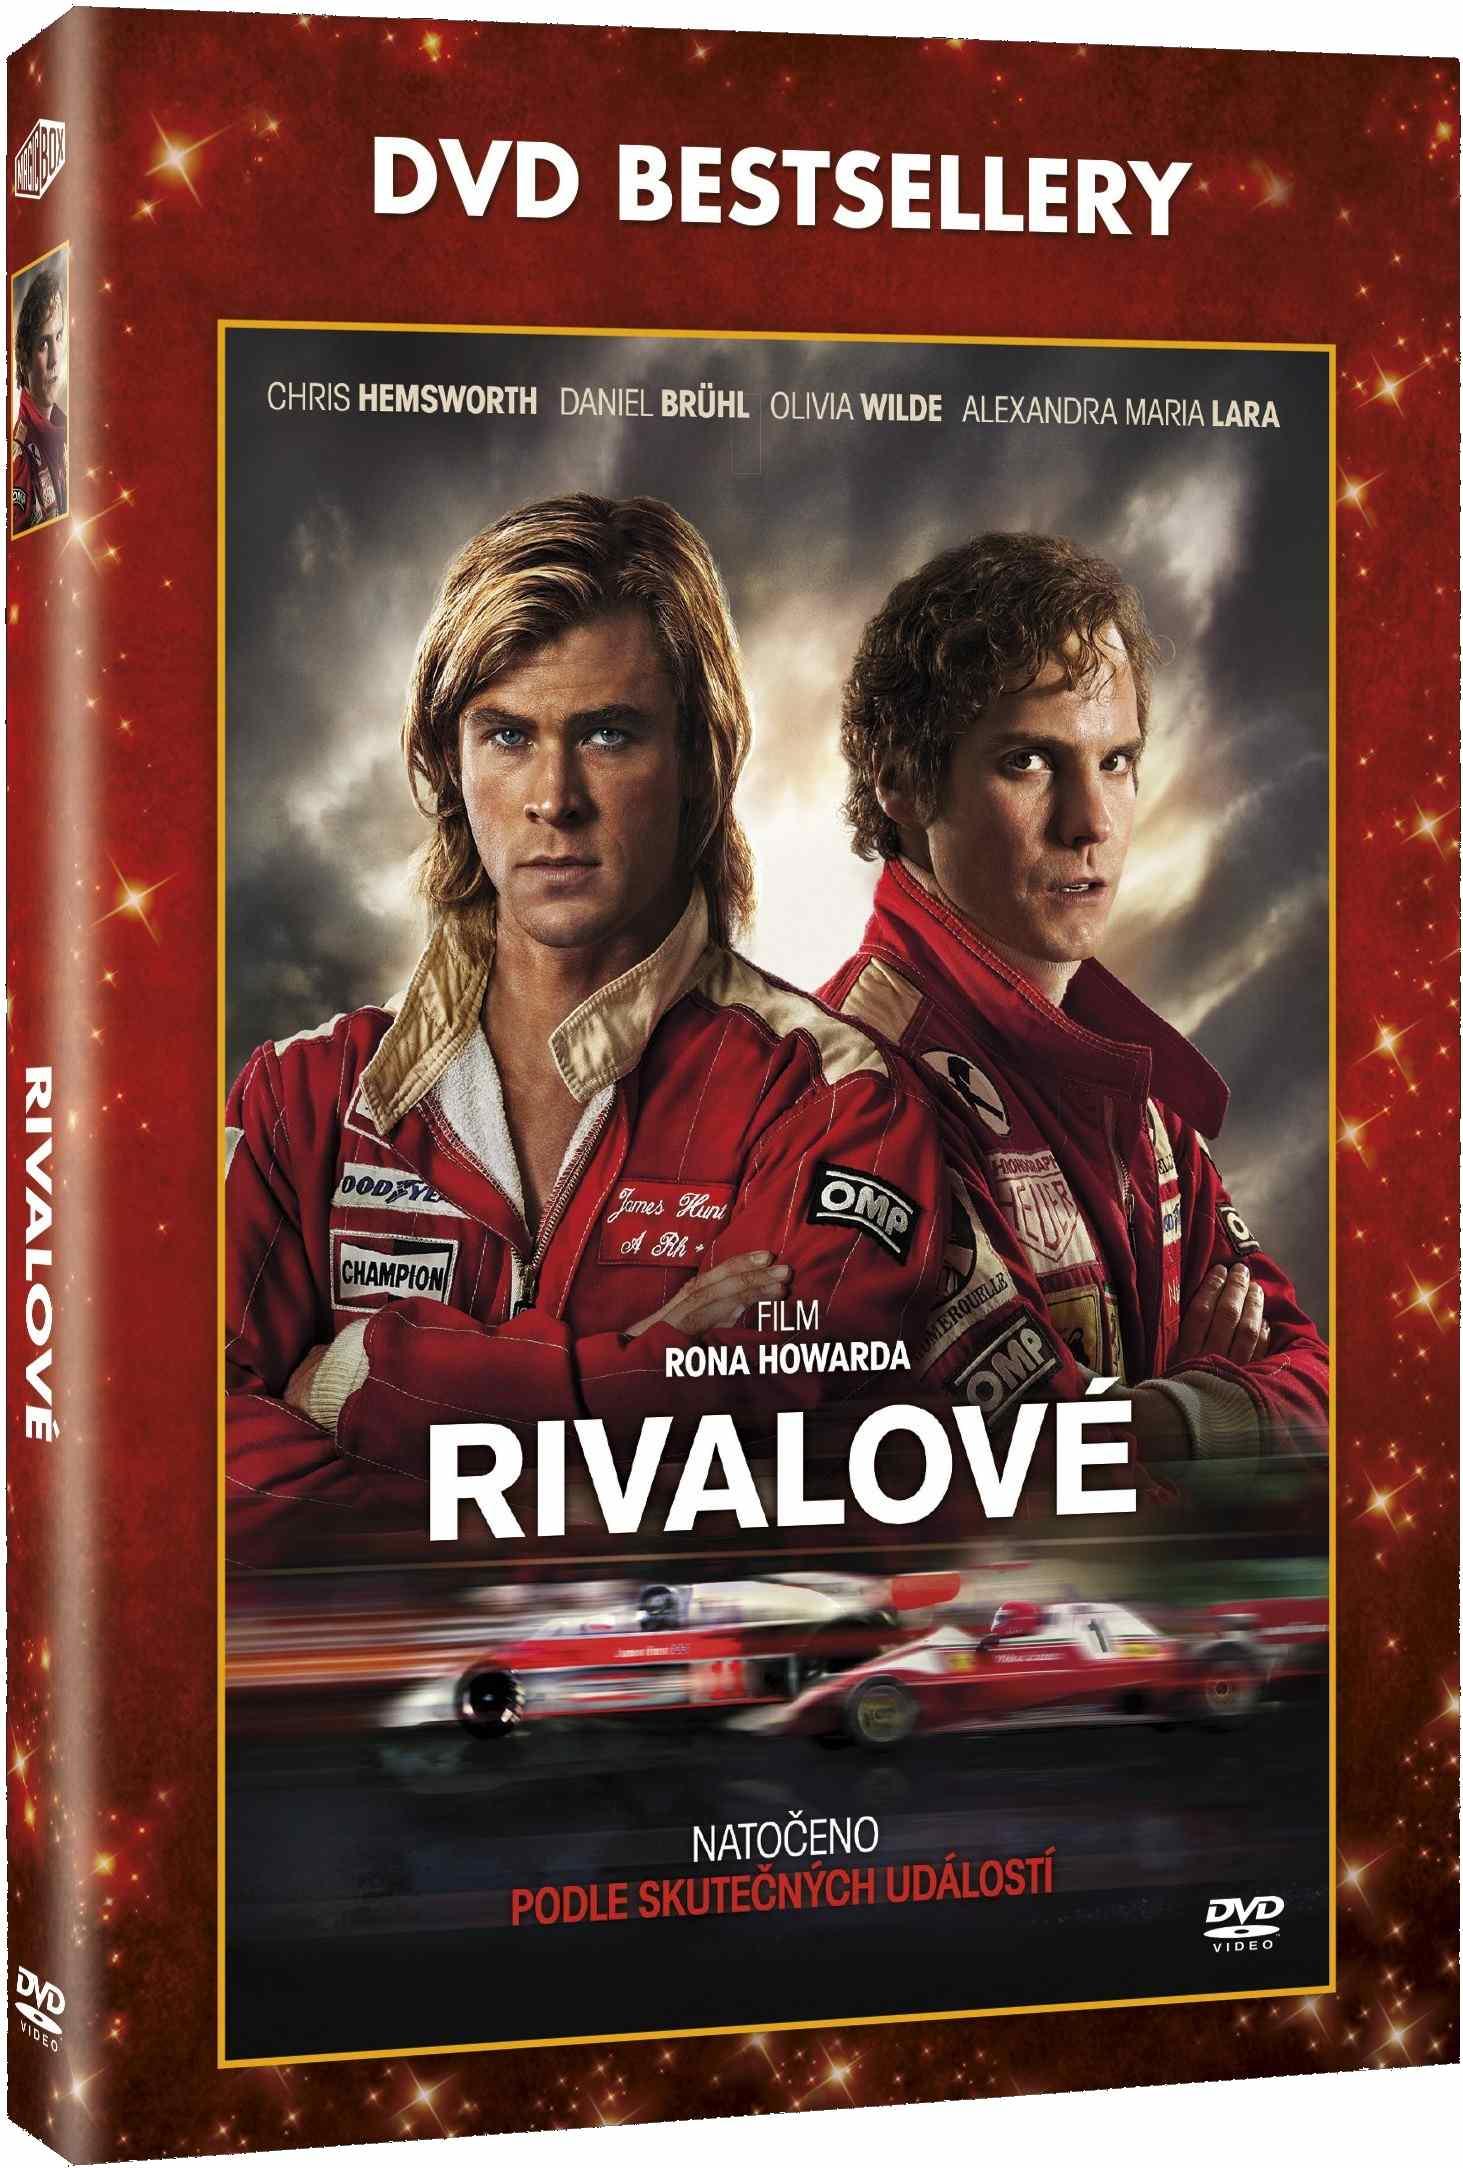 Rivalové (2013) - DVD